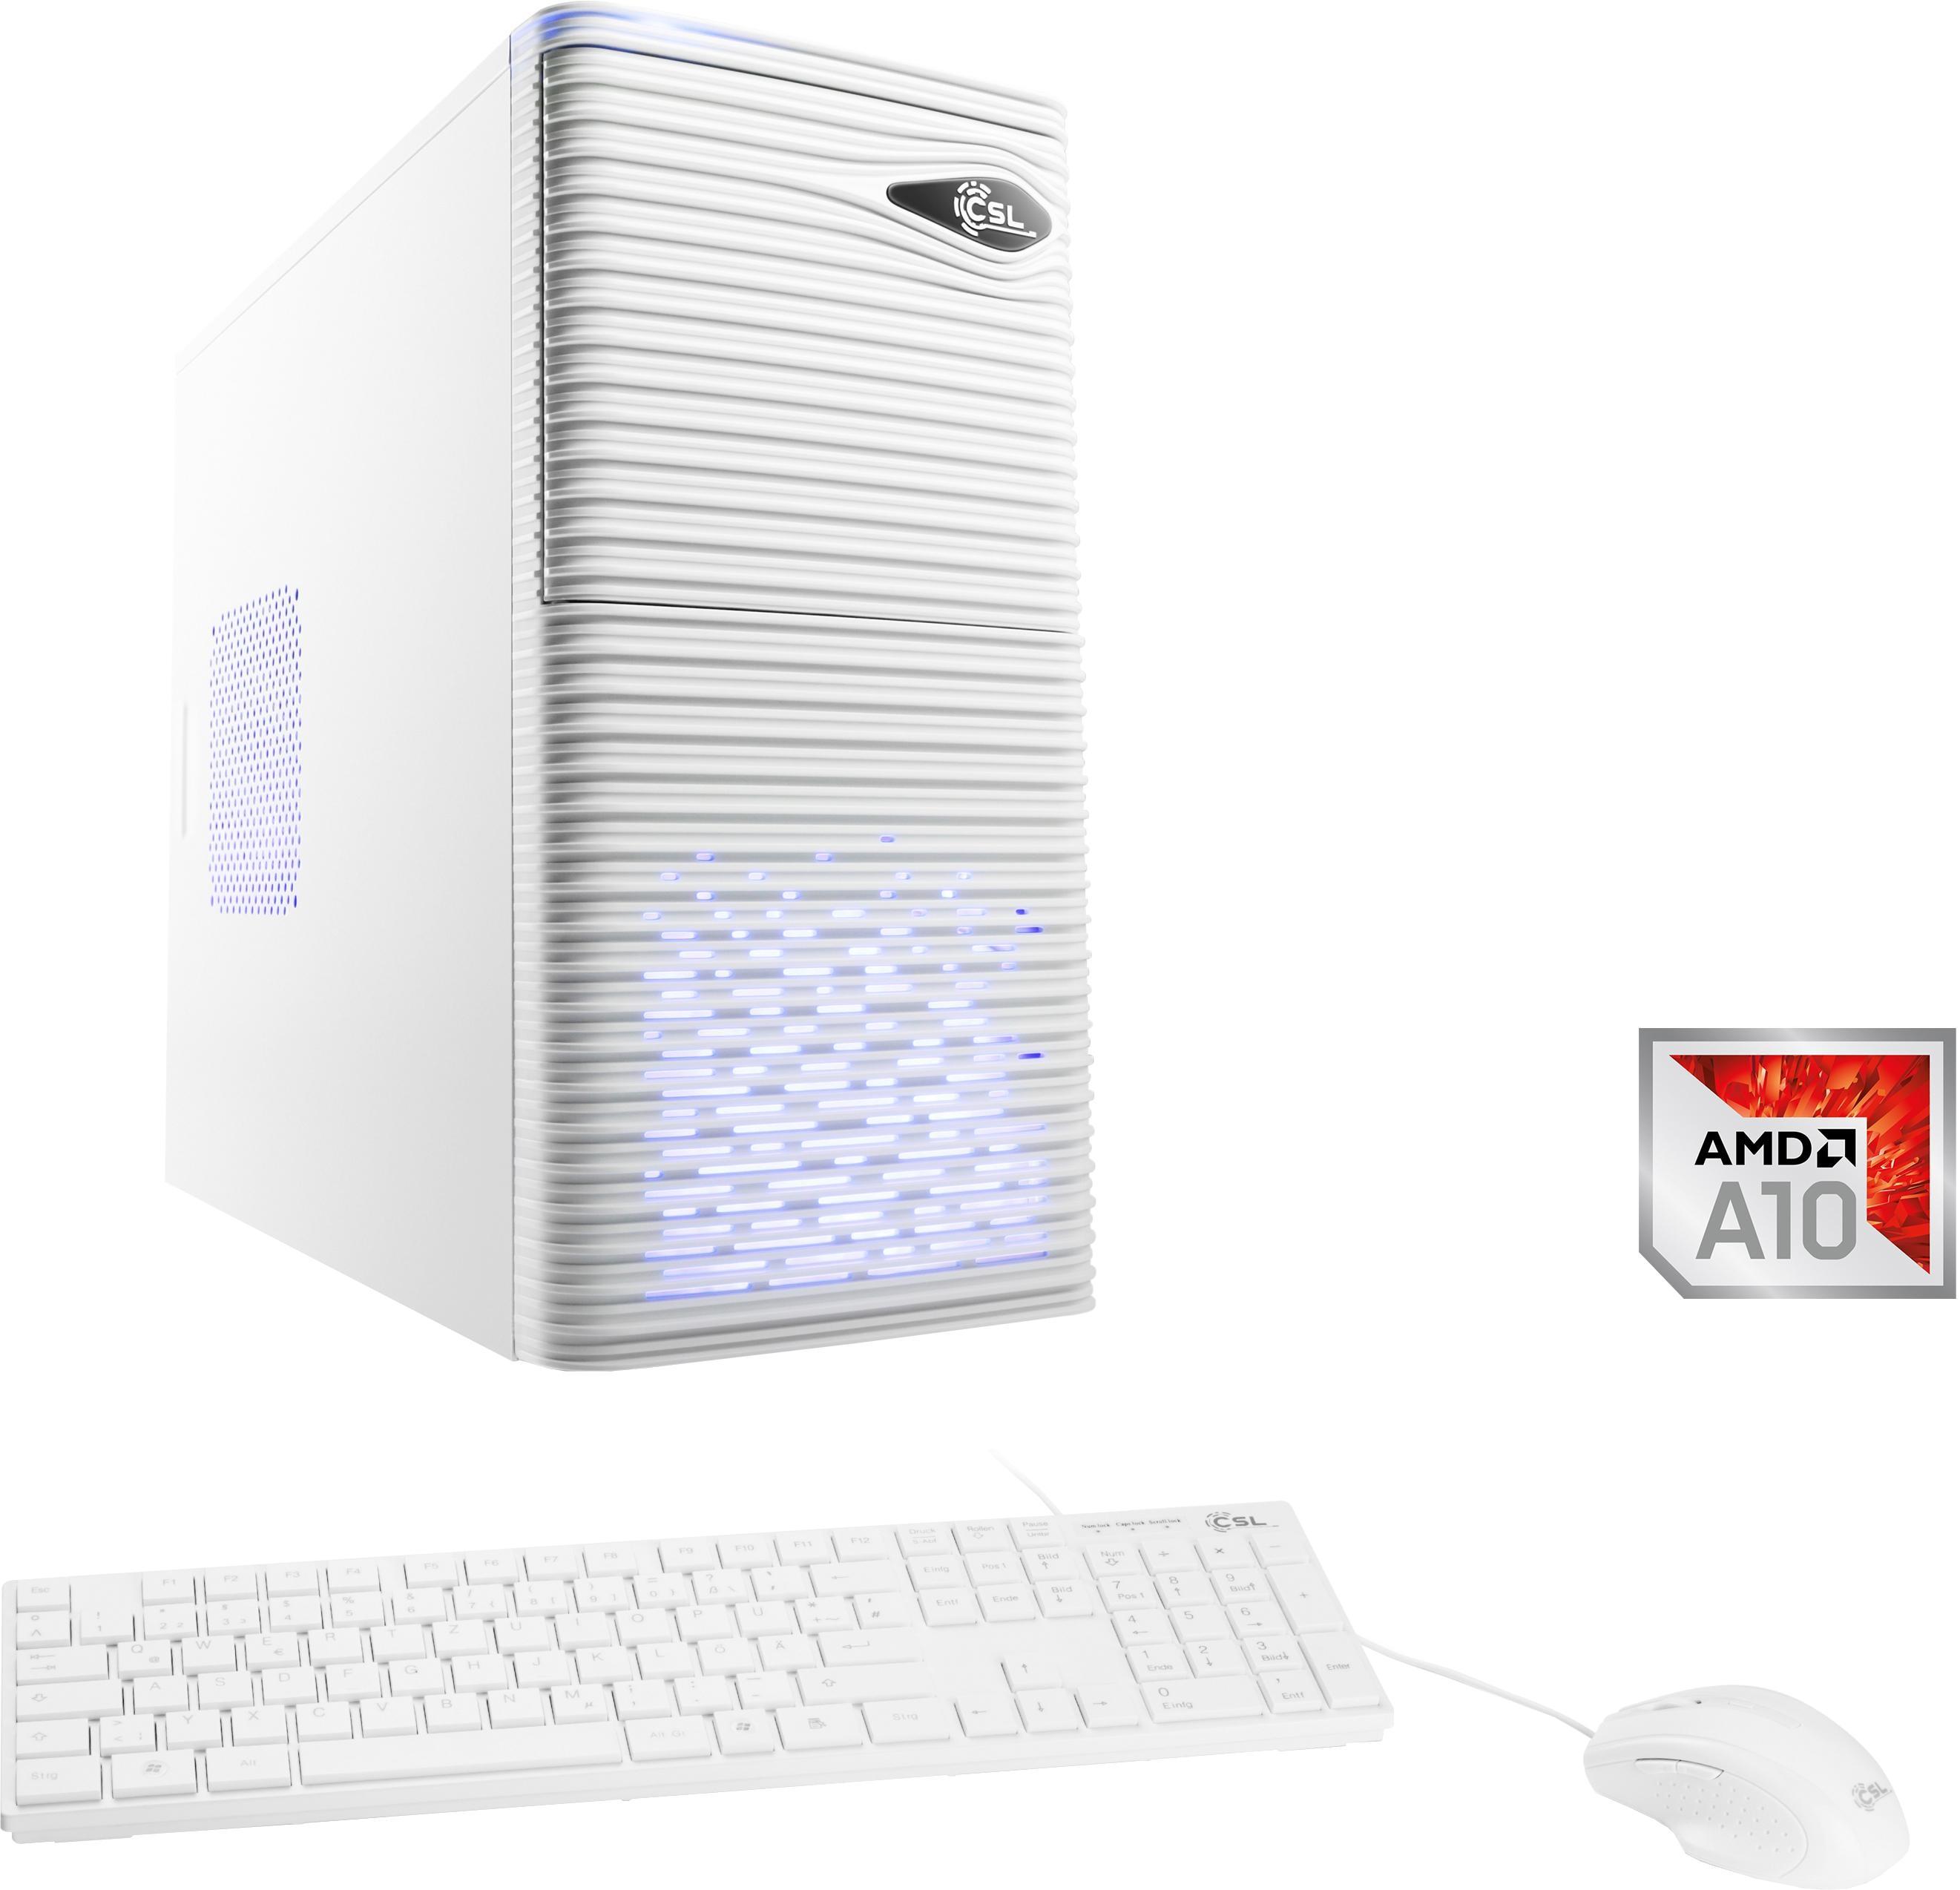 CSL »Sprint T6815« PC (AMD, A10, Radeon R7, 8 GB RAM, 1000 GB HDD)